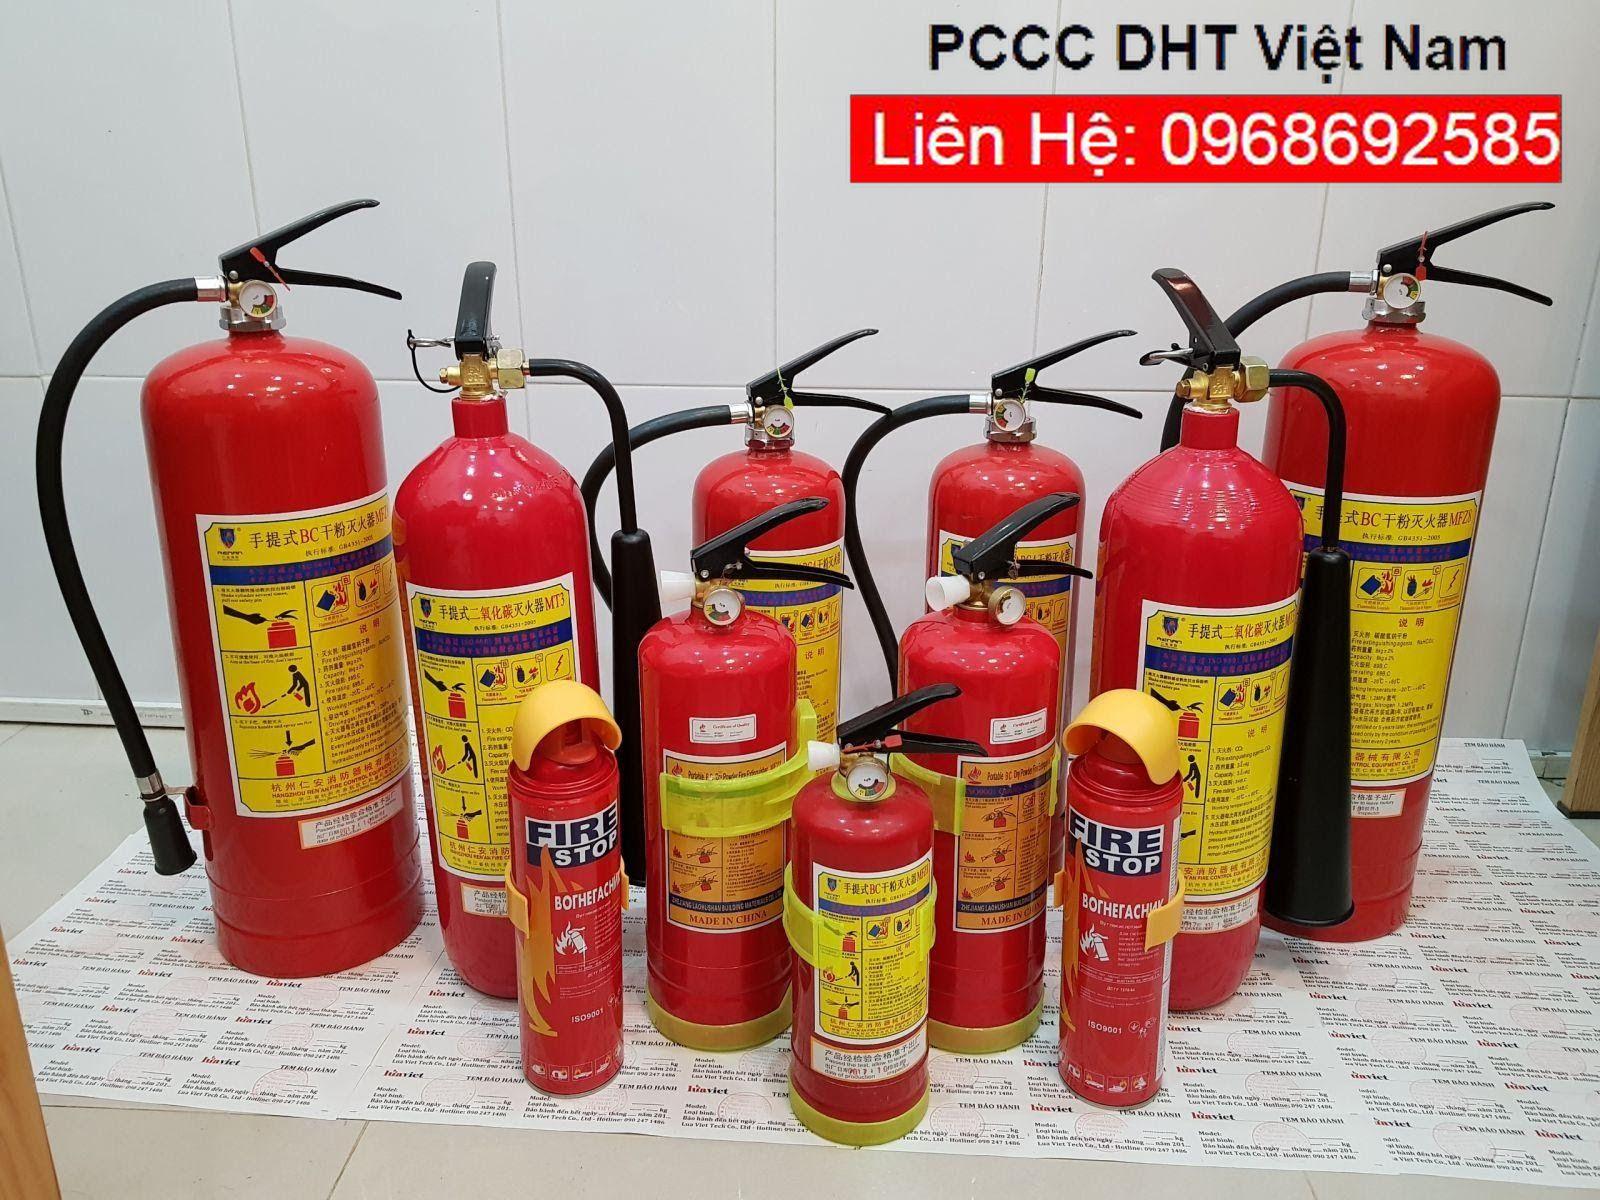 Thiết bị chữa cháy tại Cụm Công nghiệp Nam Tiến Xuân